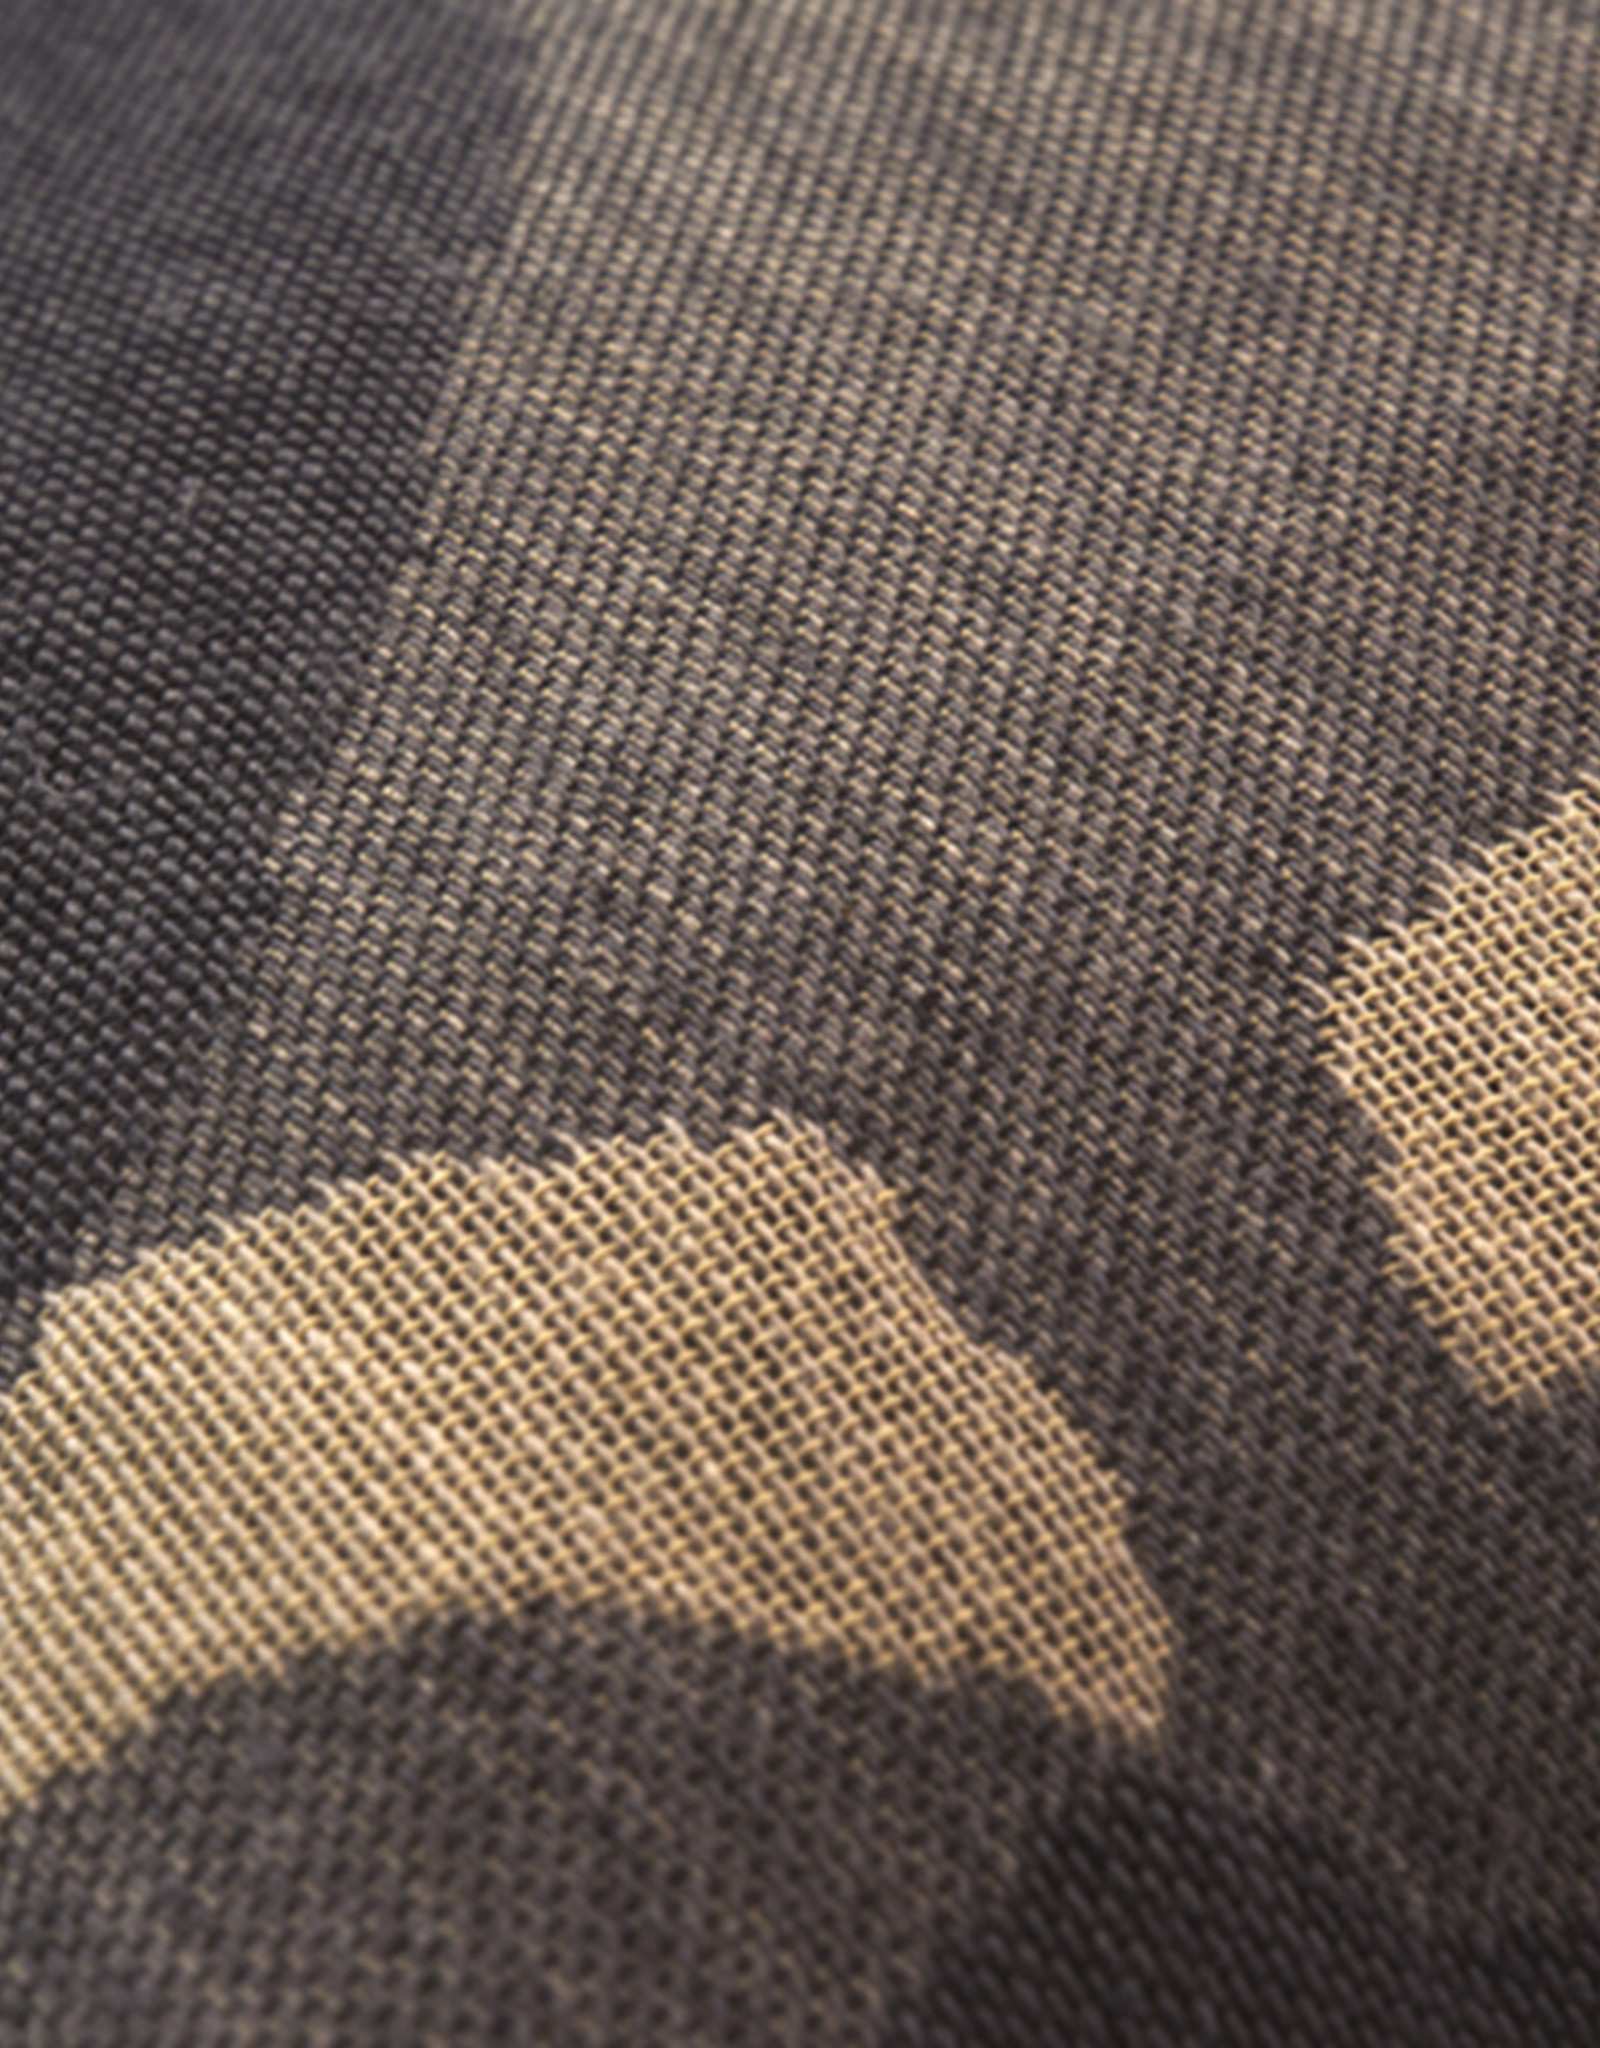 Connected Dots Lumbar Cushion